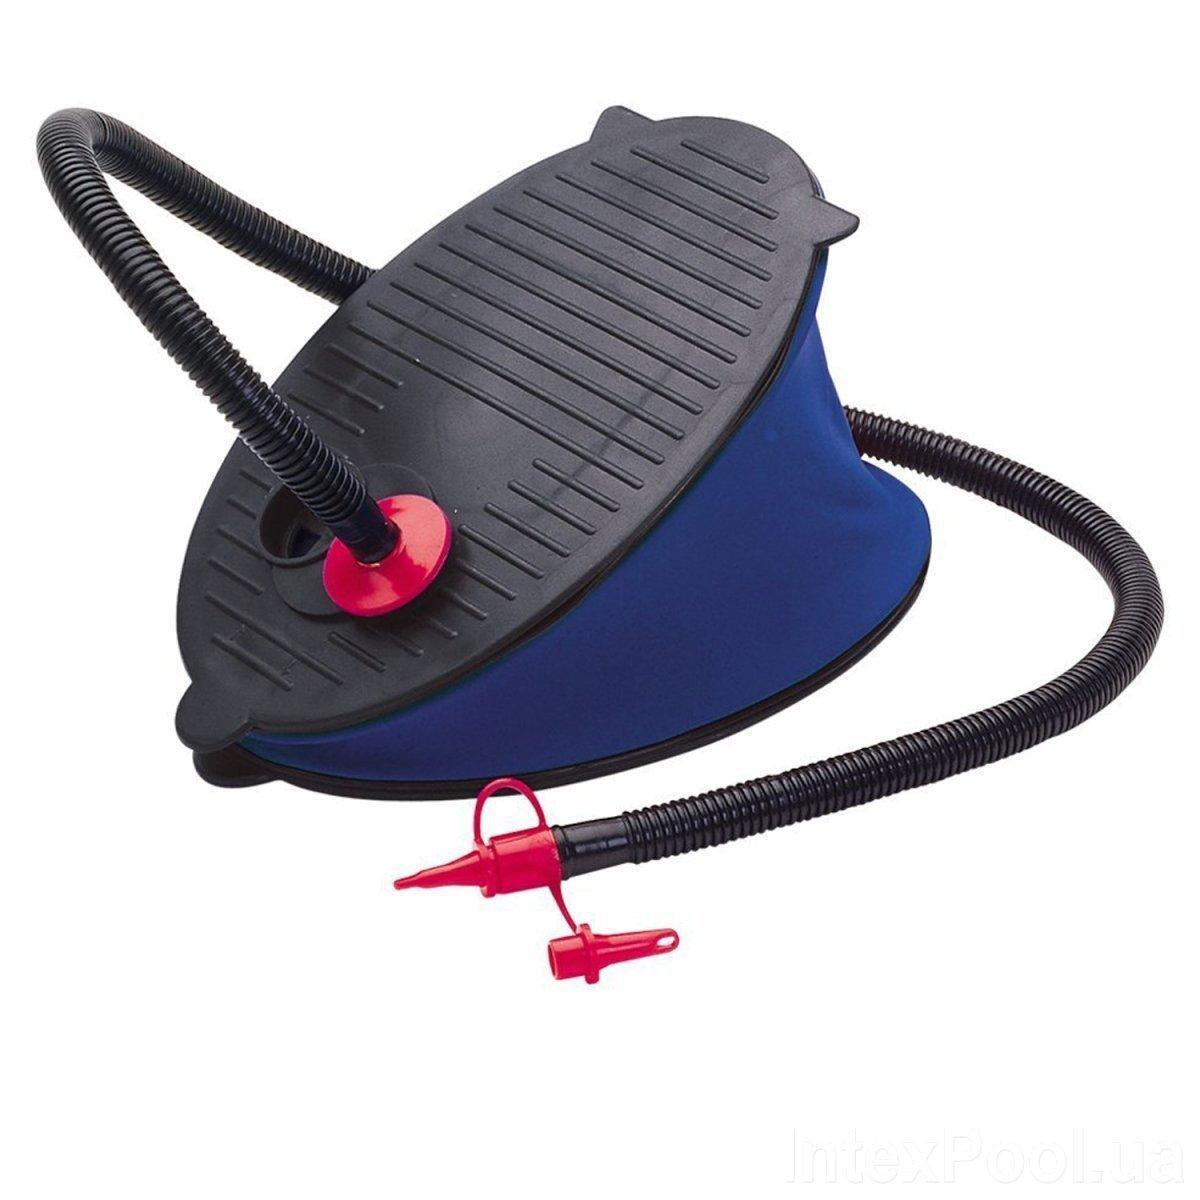 Ножной насос для накачивания матраса, лодки, бассейна Intex 69611 3 л (RT-8758)